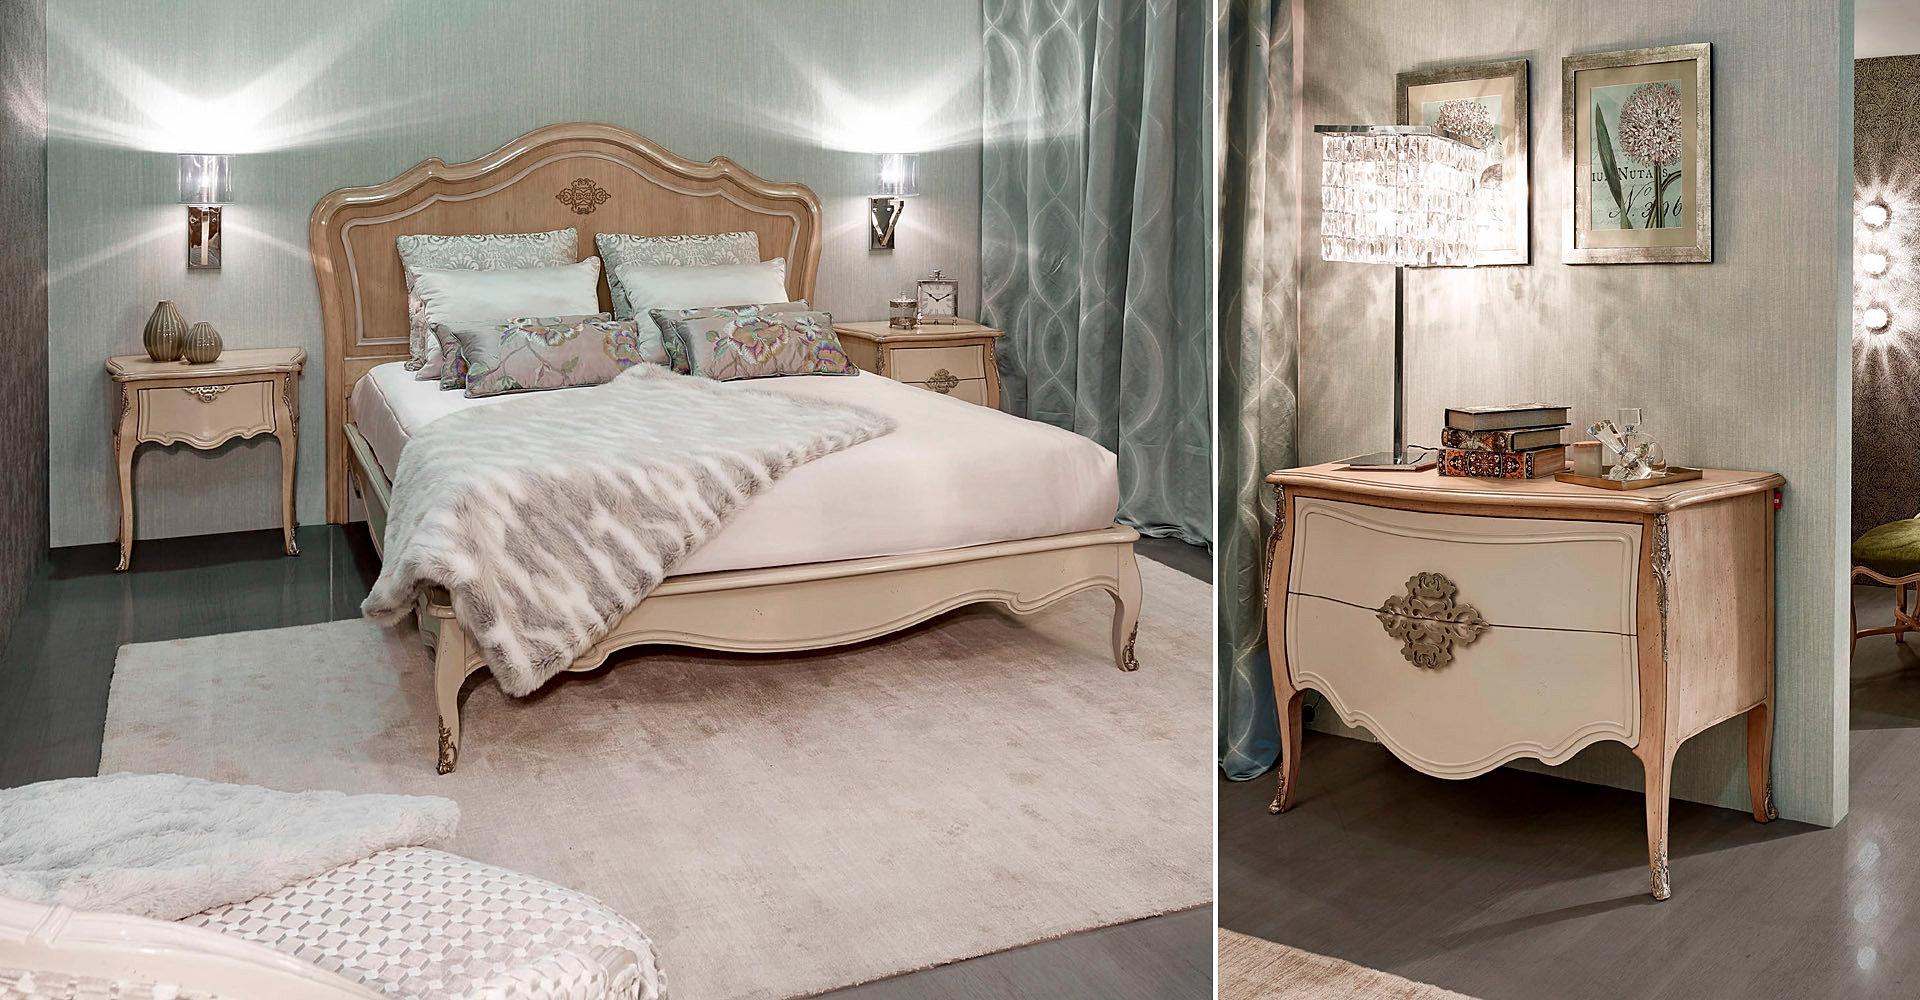 muebles monen tienda de muebles madrid dormitorios de matrimonio de estilo clasico